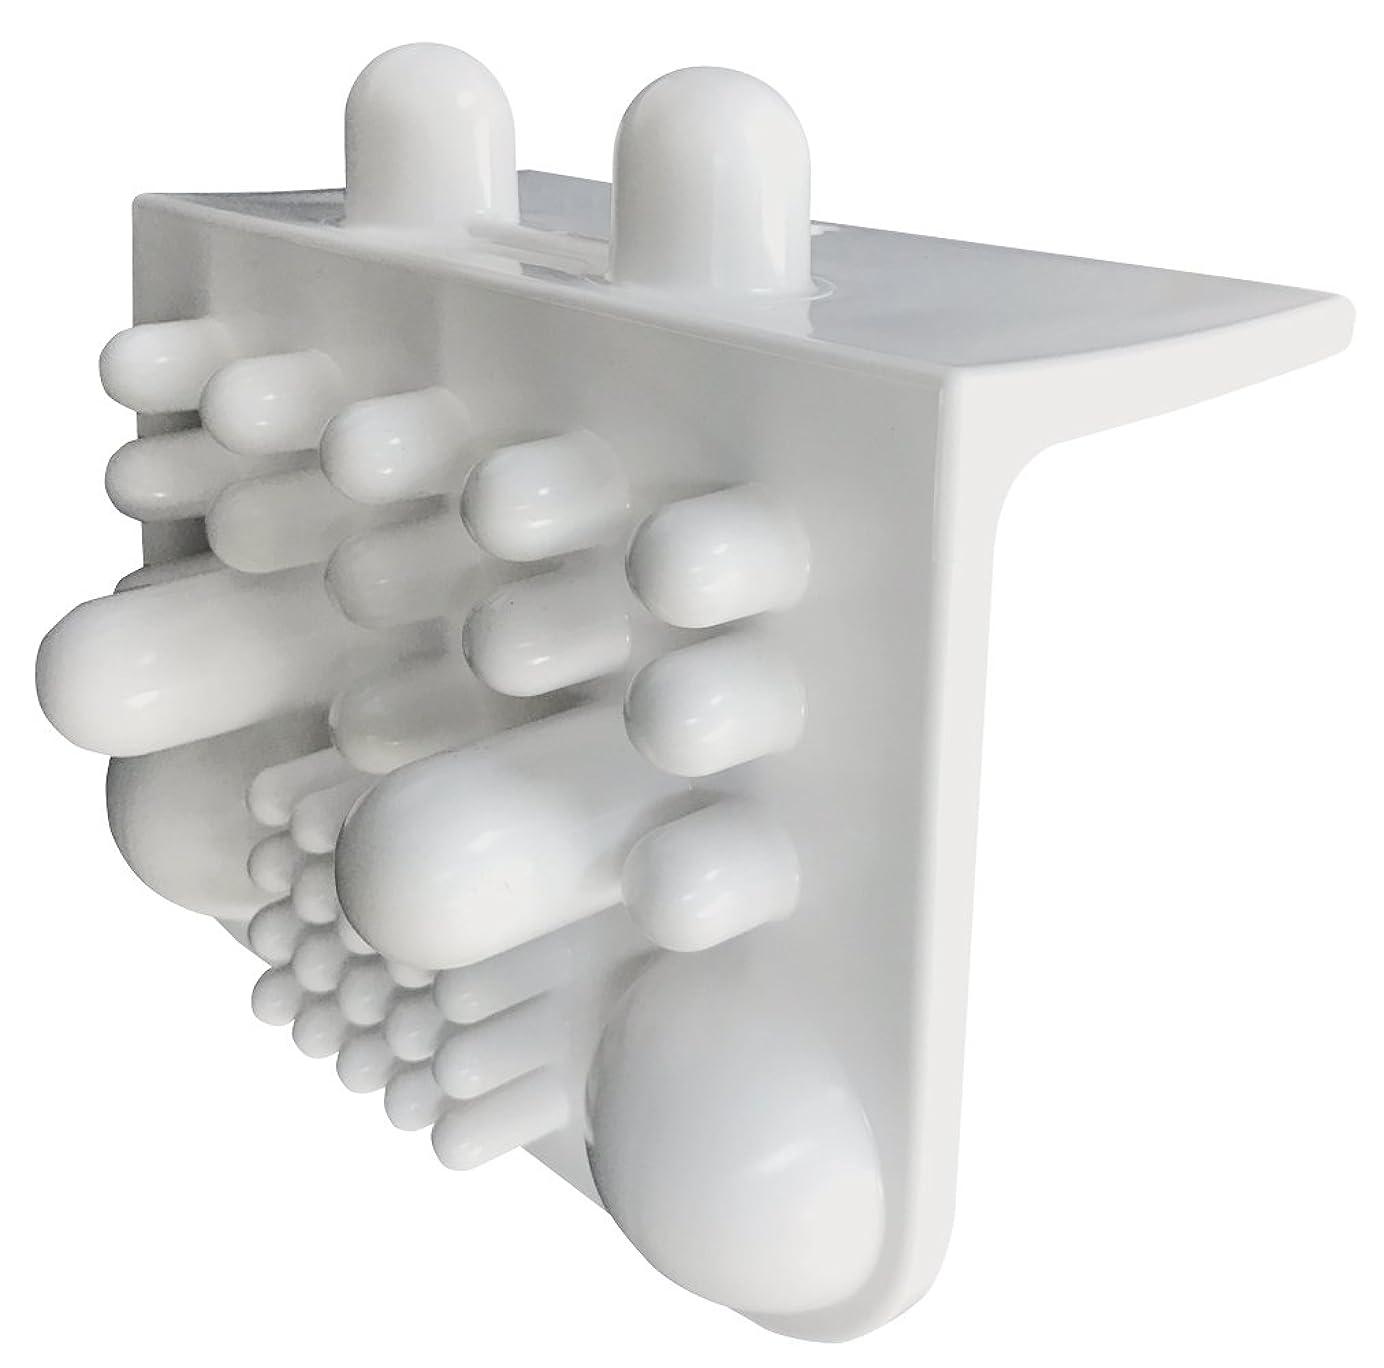 辞書工業用クリーナーバスキュート ホワイト